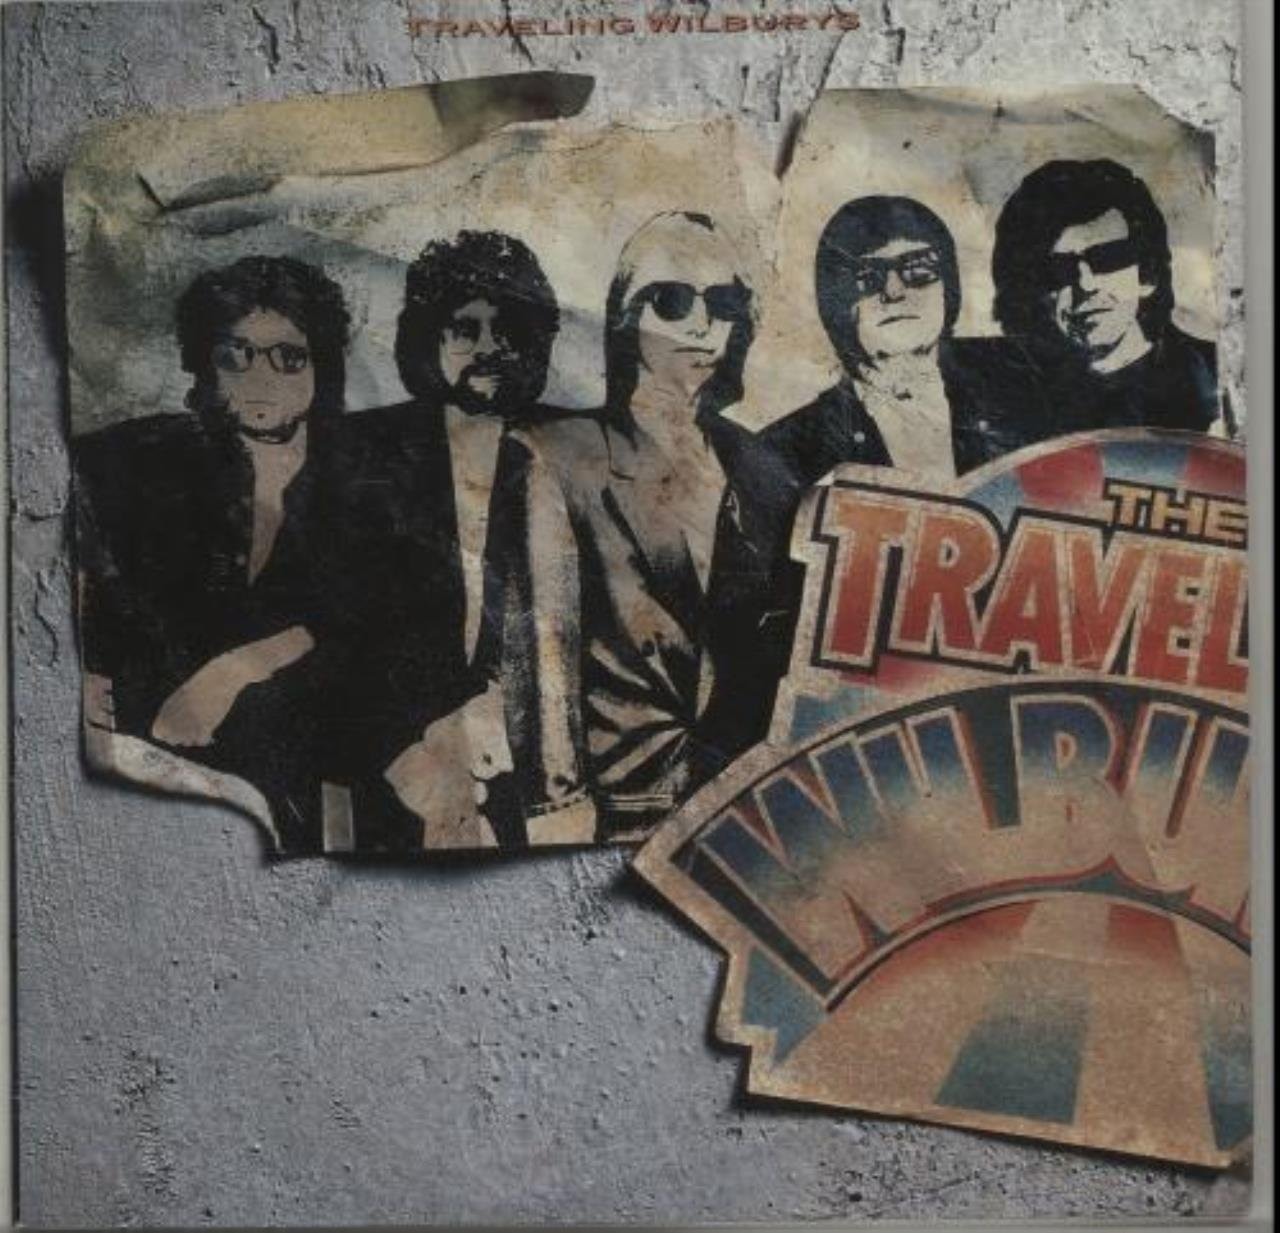 Traveling Wilburys: Volume 1 by Wilbury Records